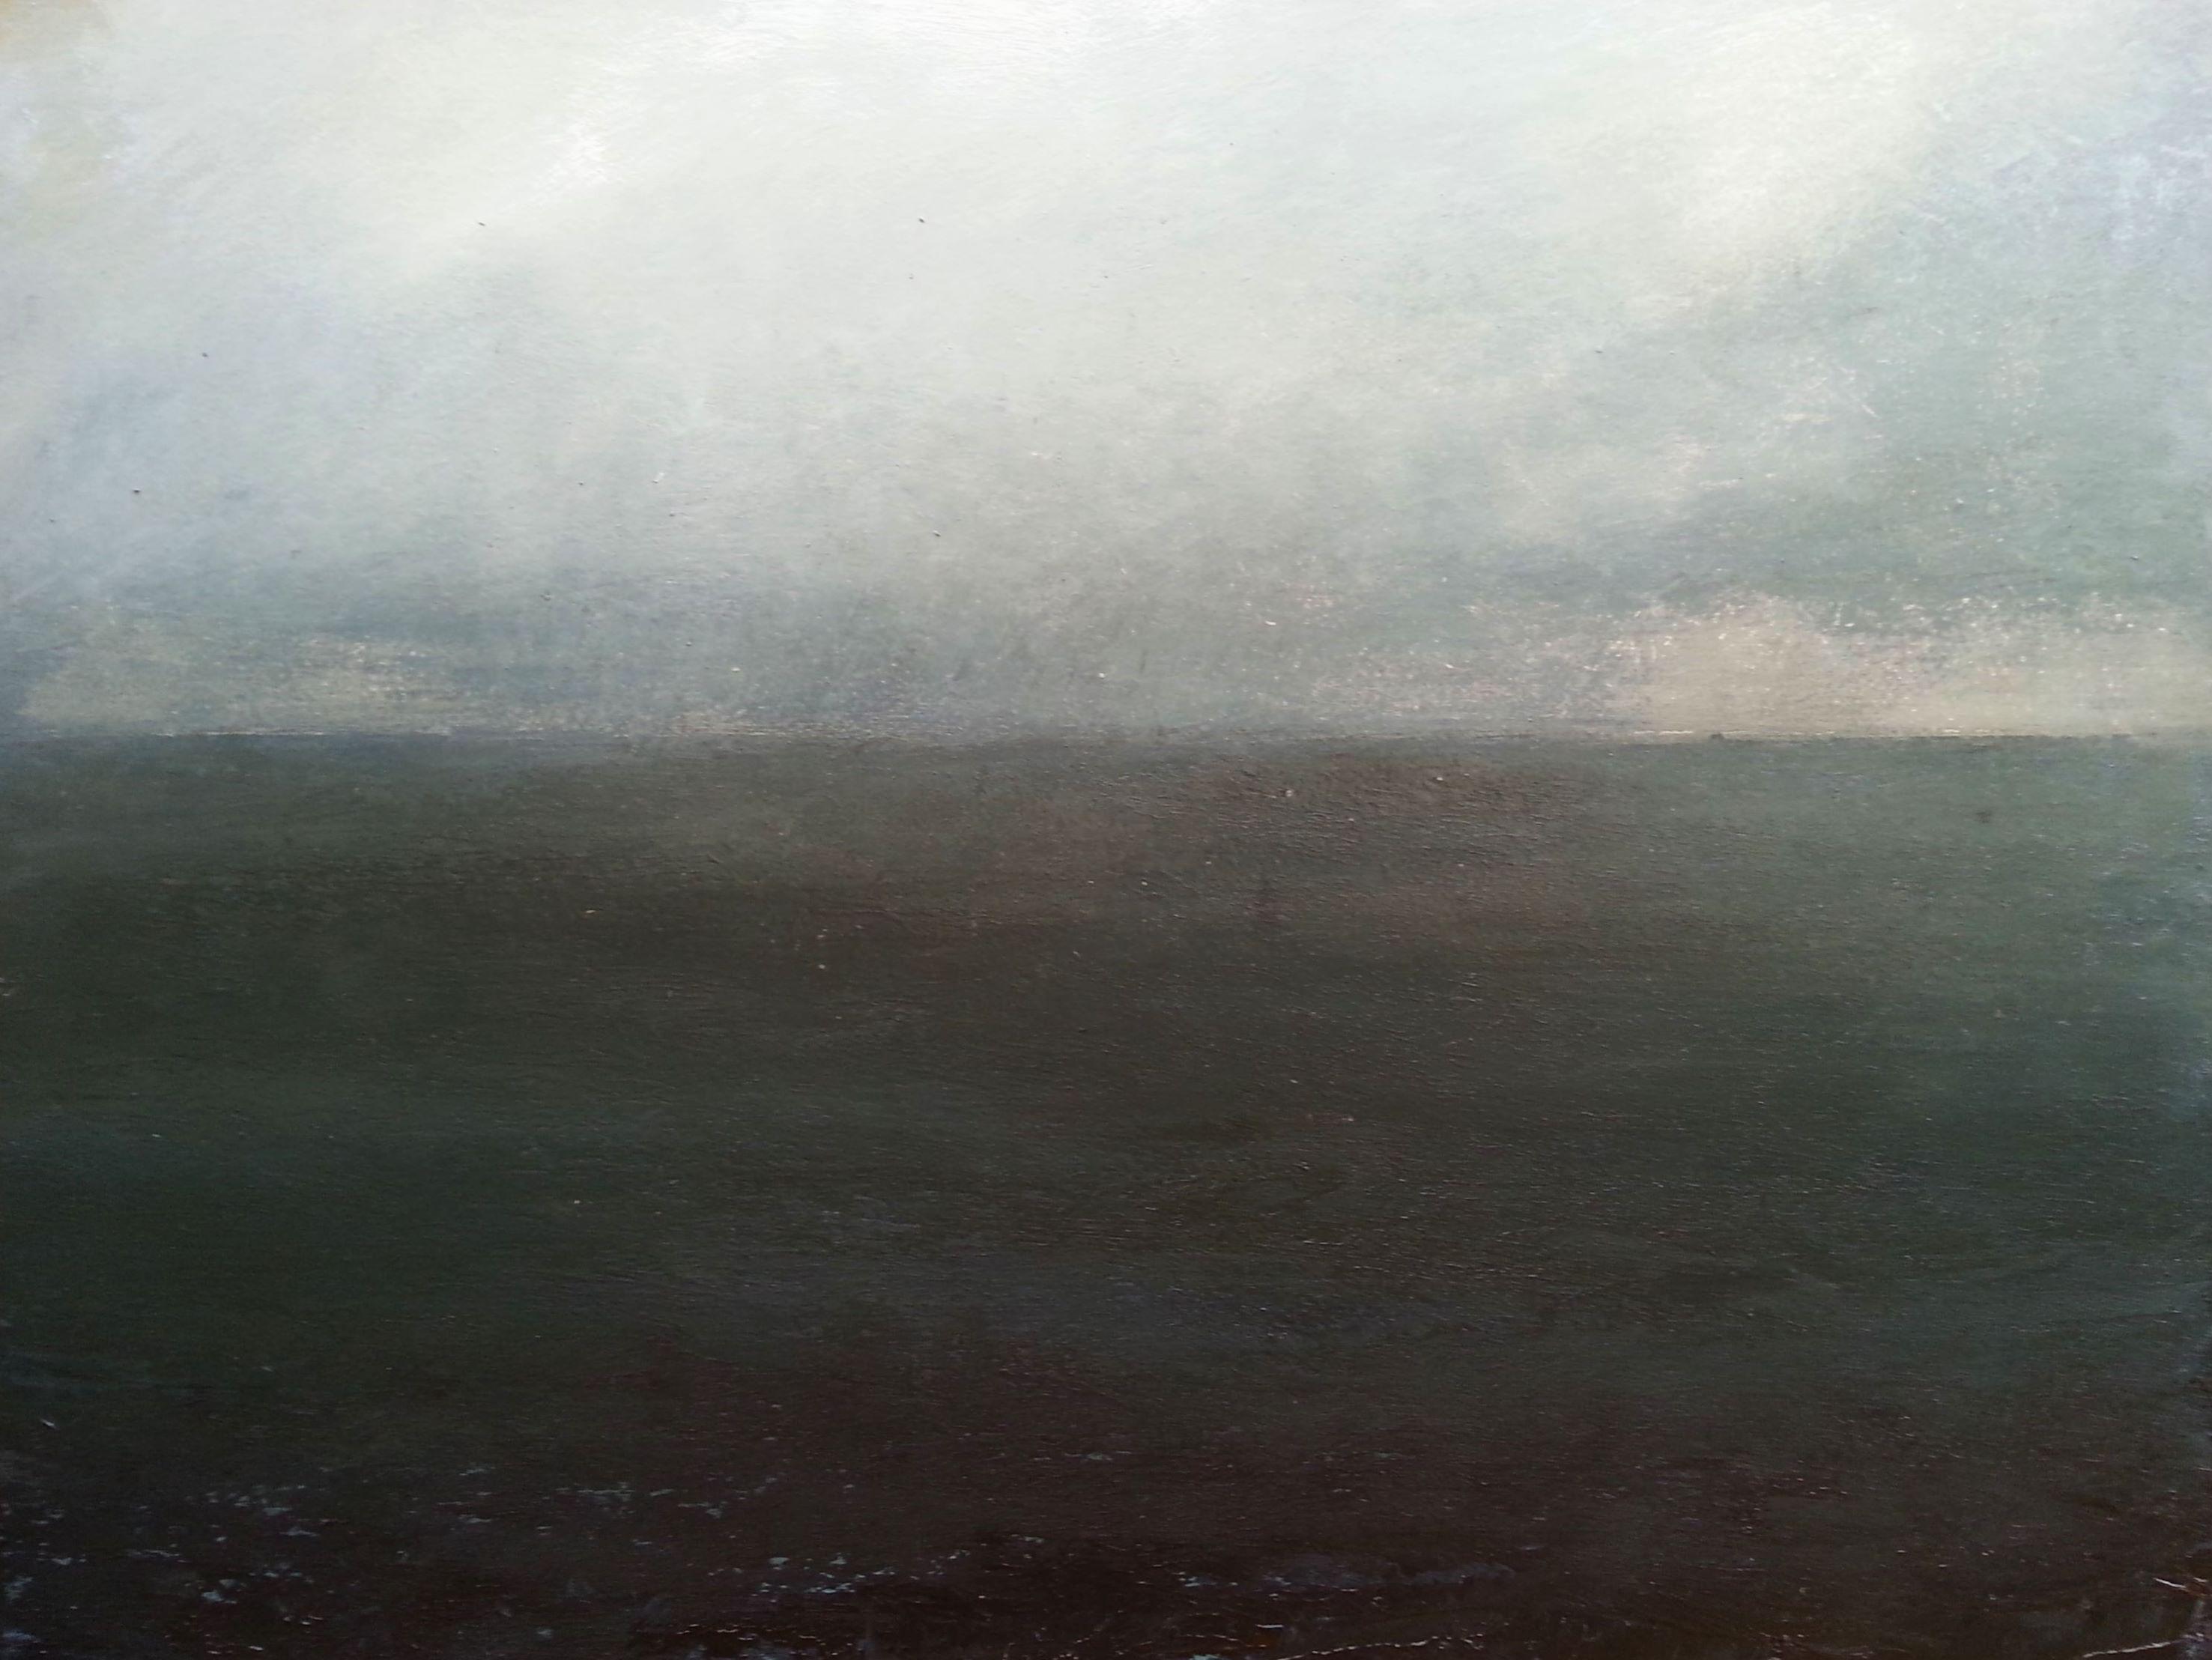 Light Sky - Dark Sea